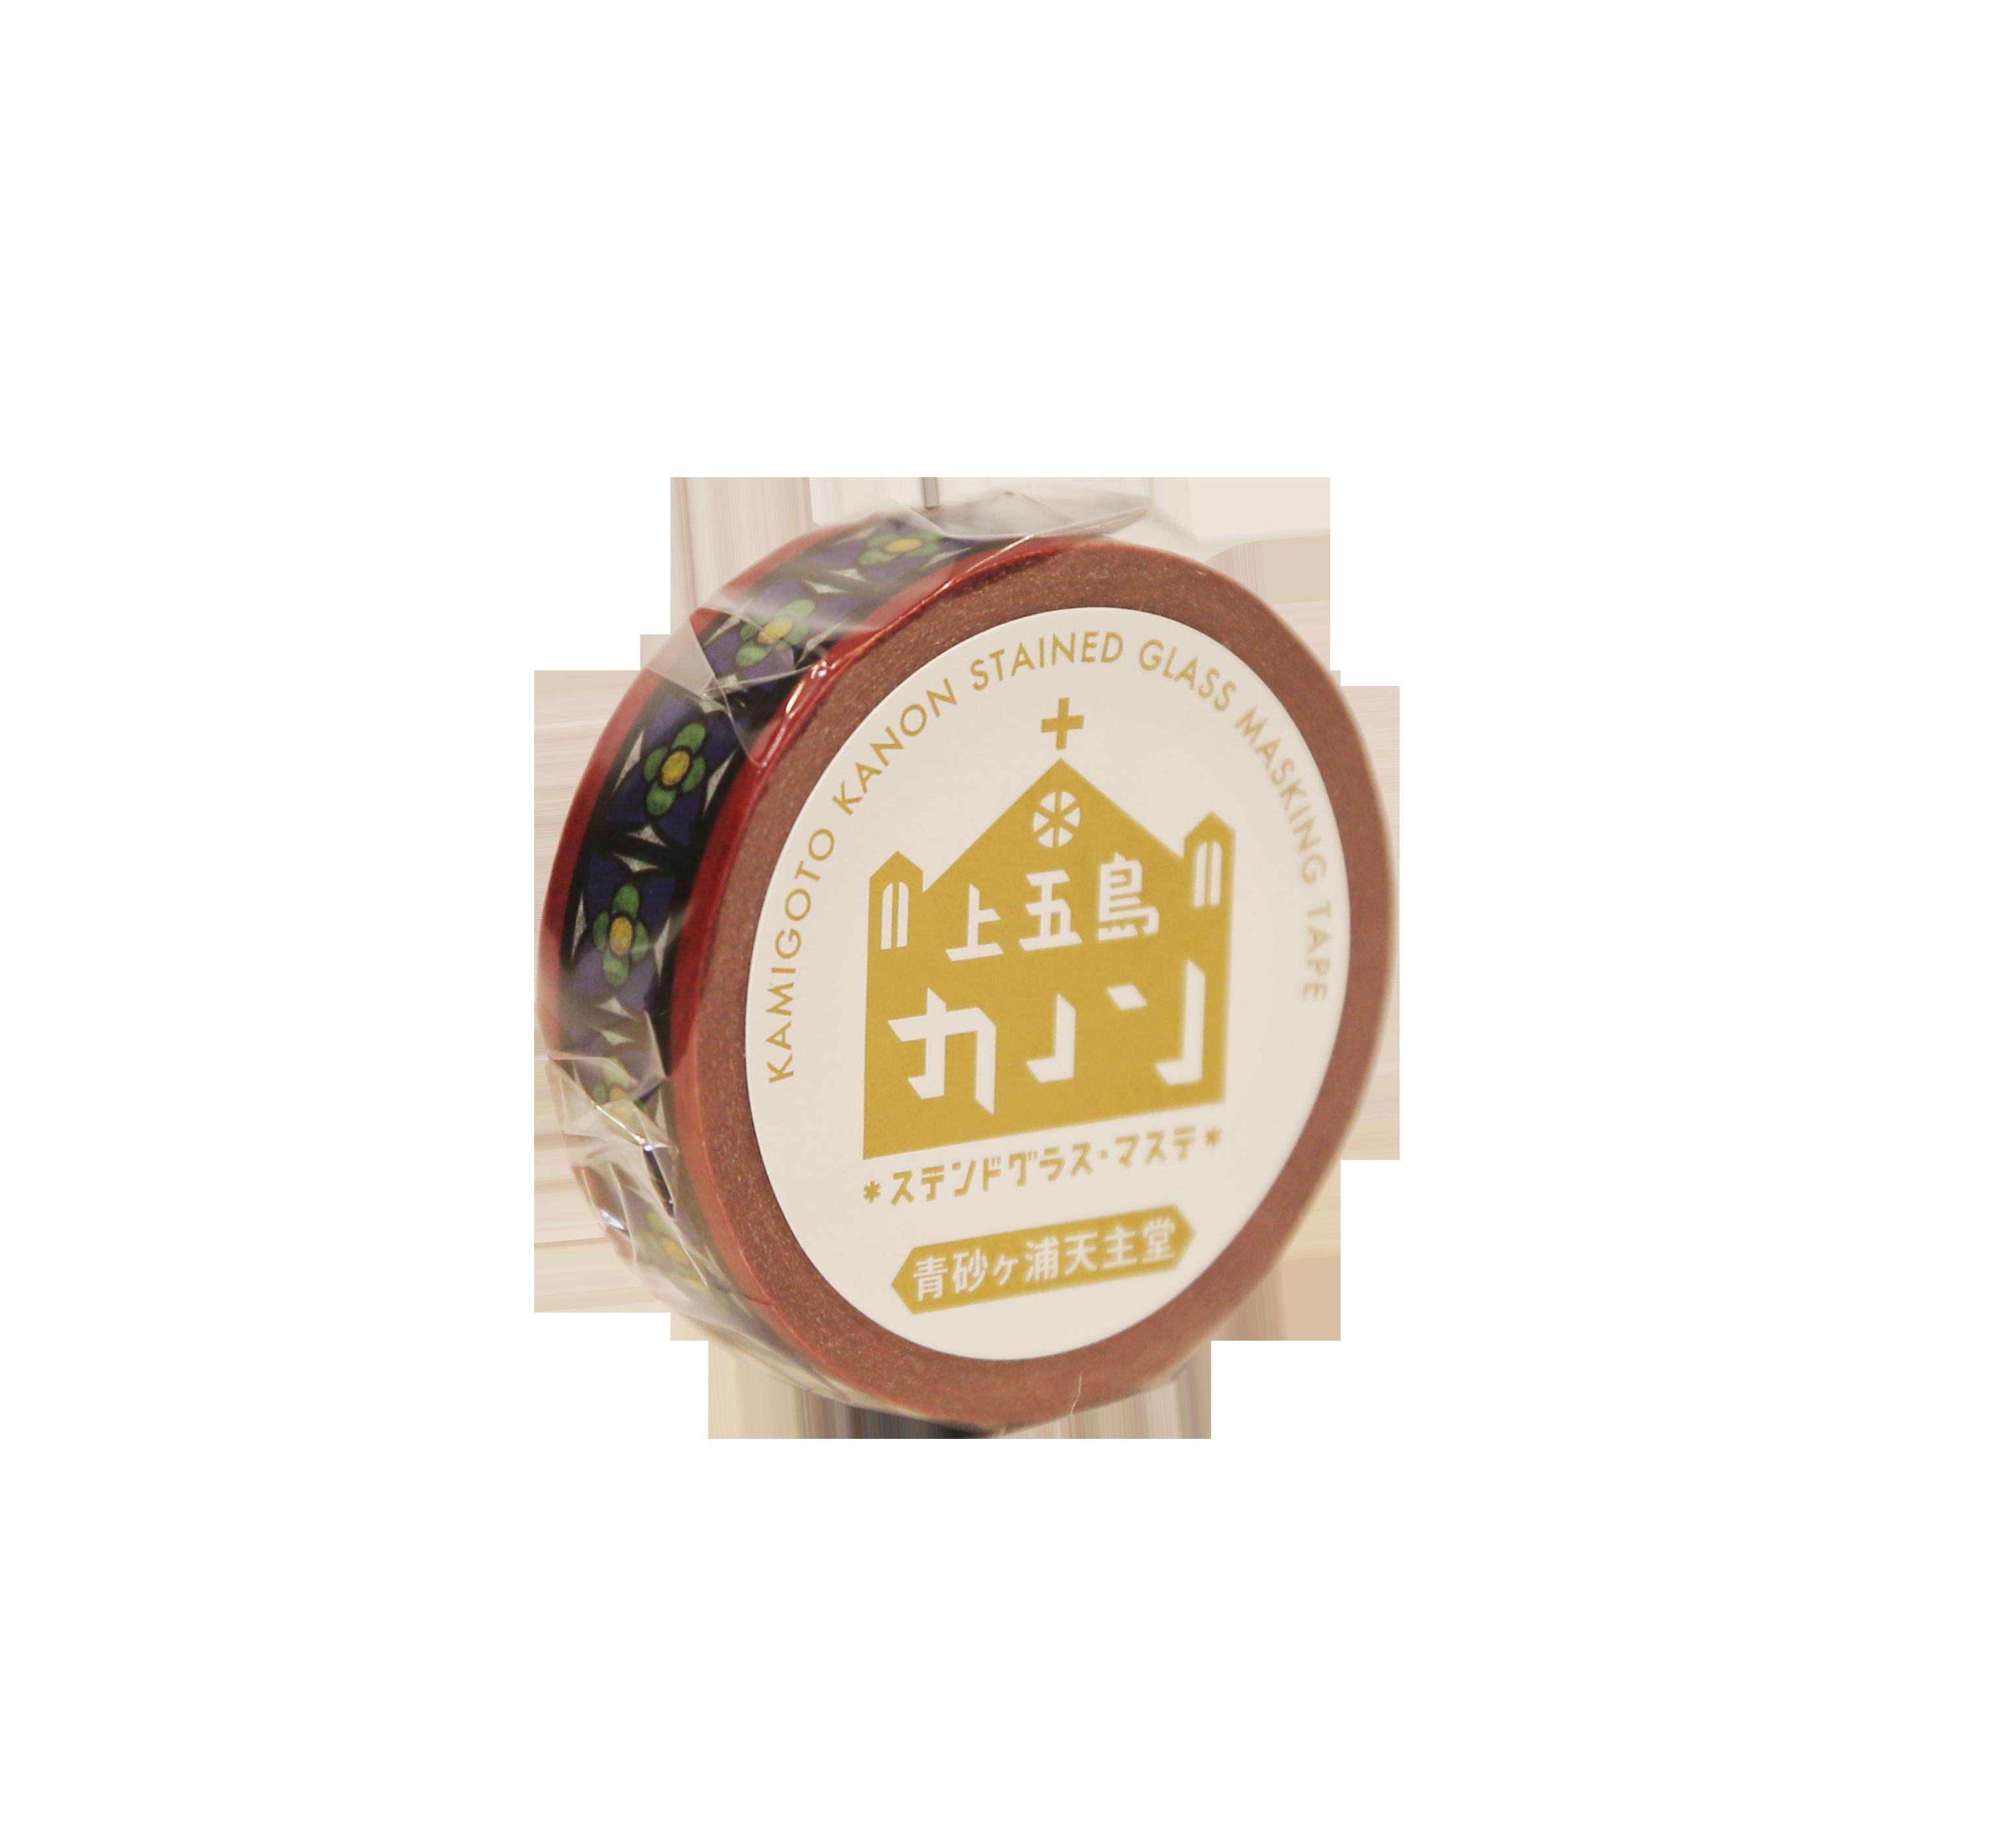 上五島カノン マスキングテープ 青砂ヶ浦天主堂 【Creo】